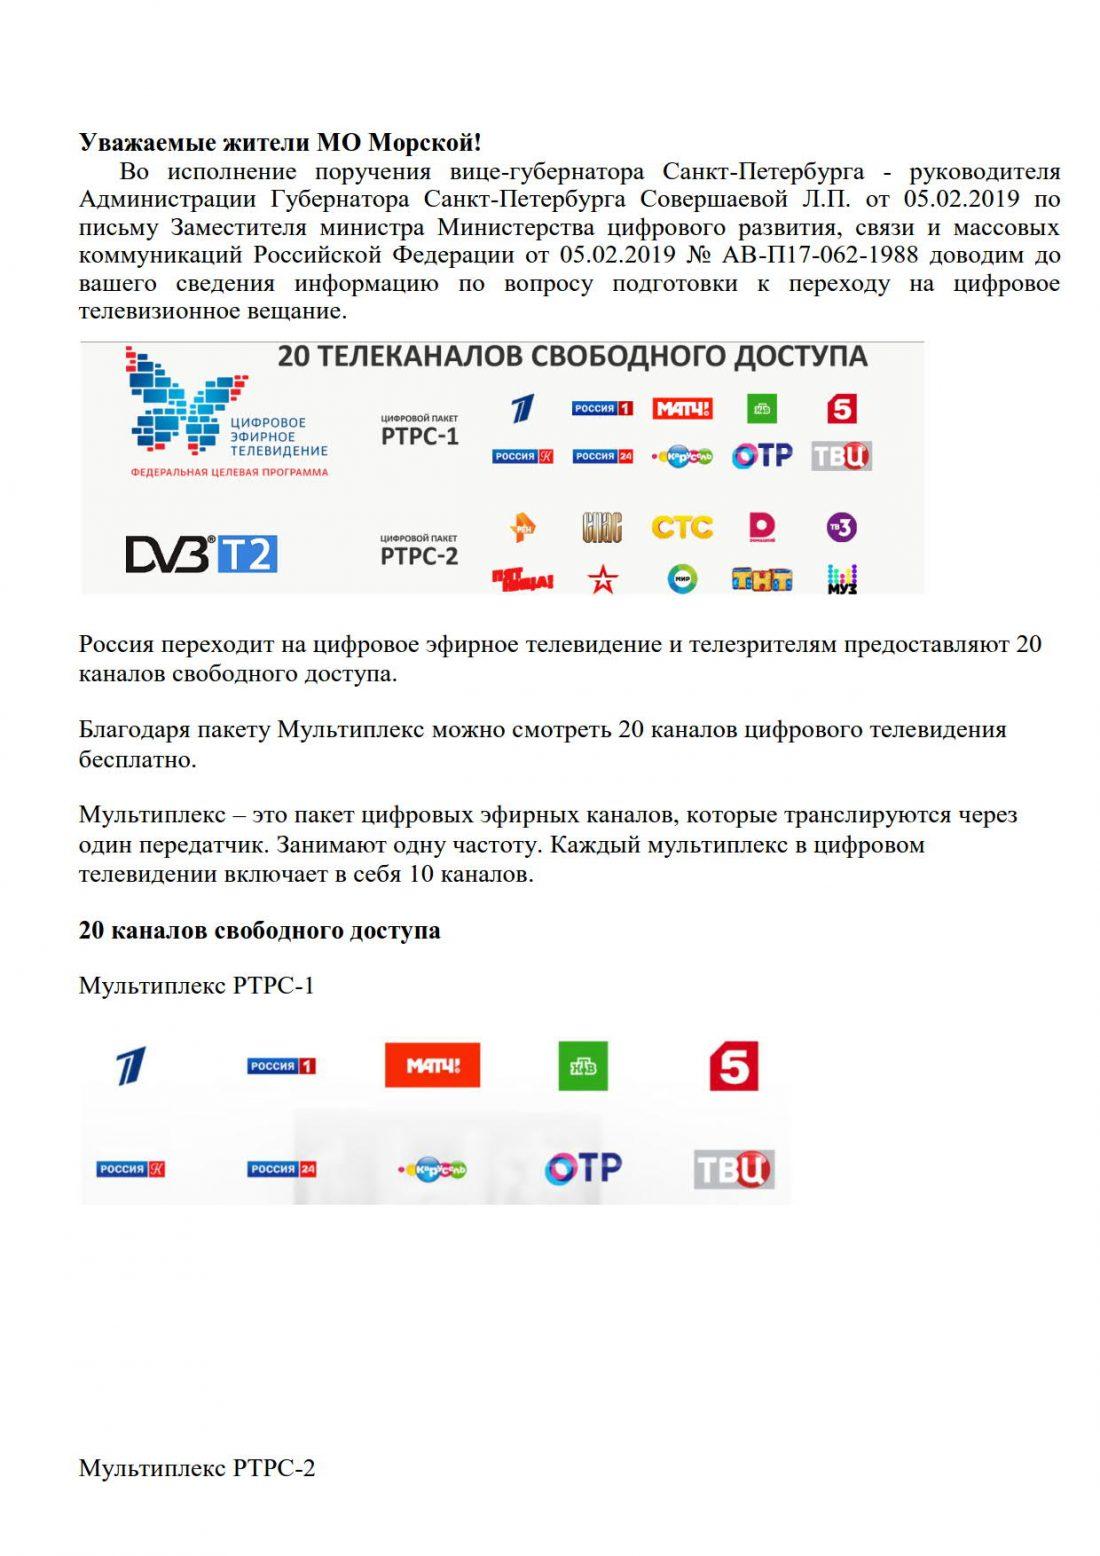 20.02.2019 20 каналов_1